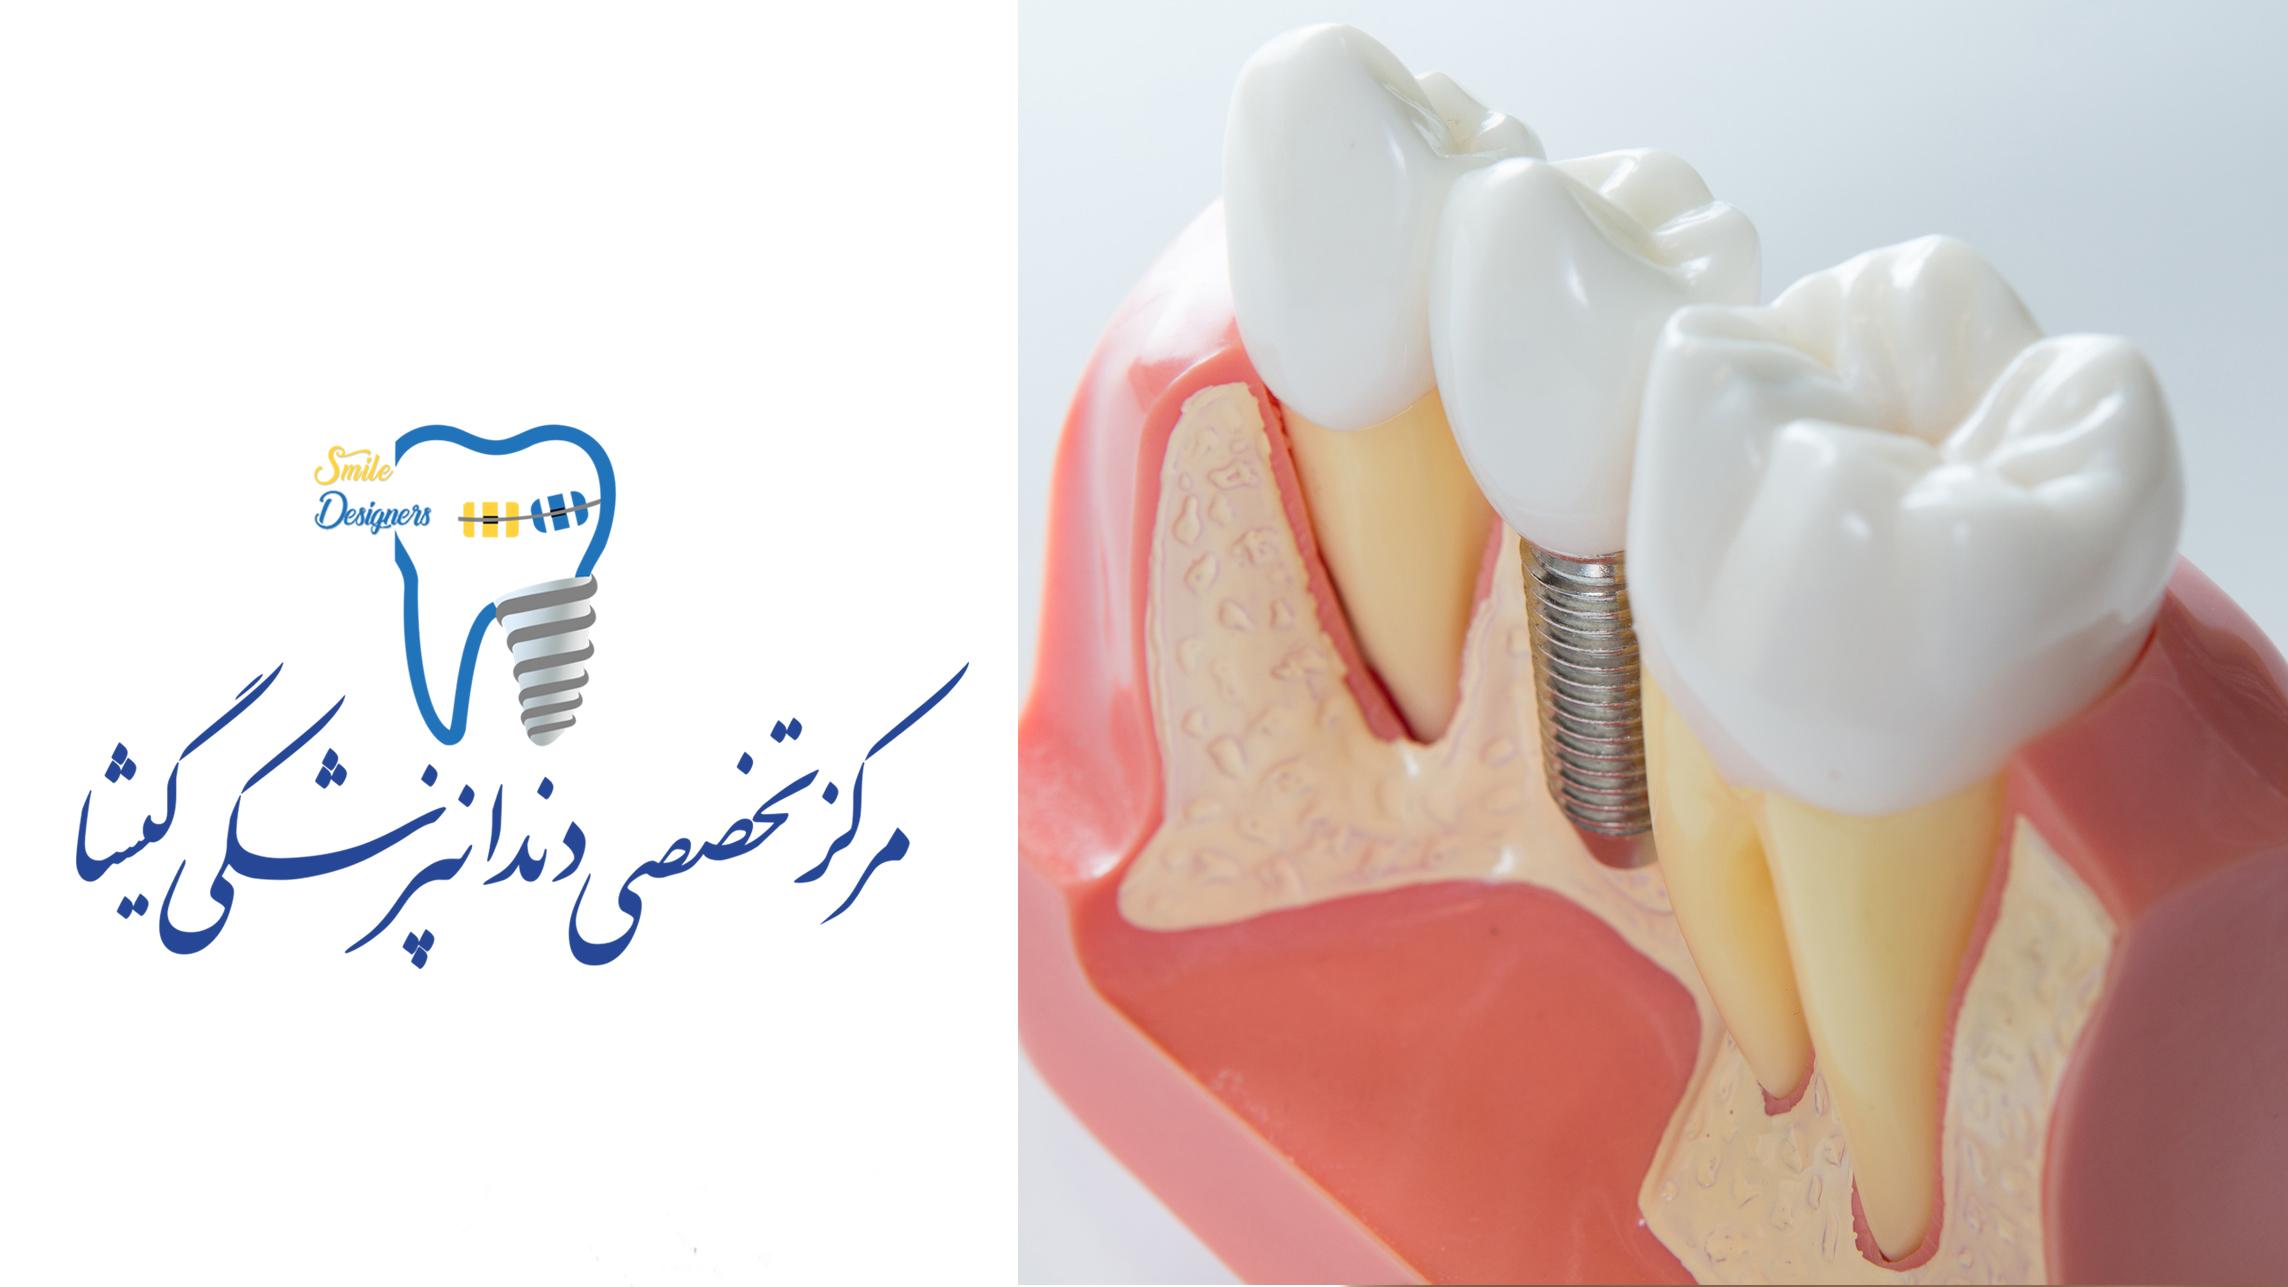 جاگذاری ایمپلنت دندان